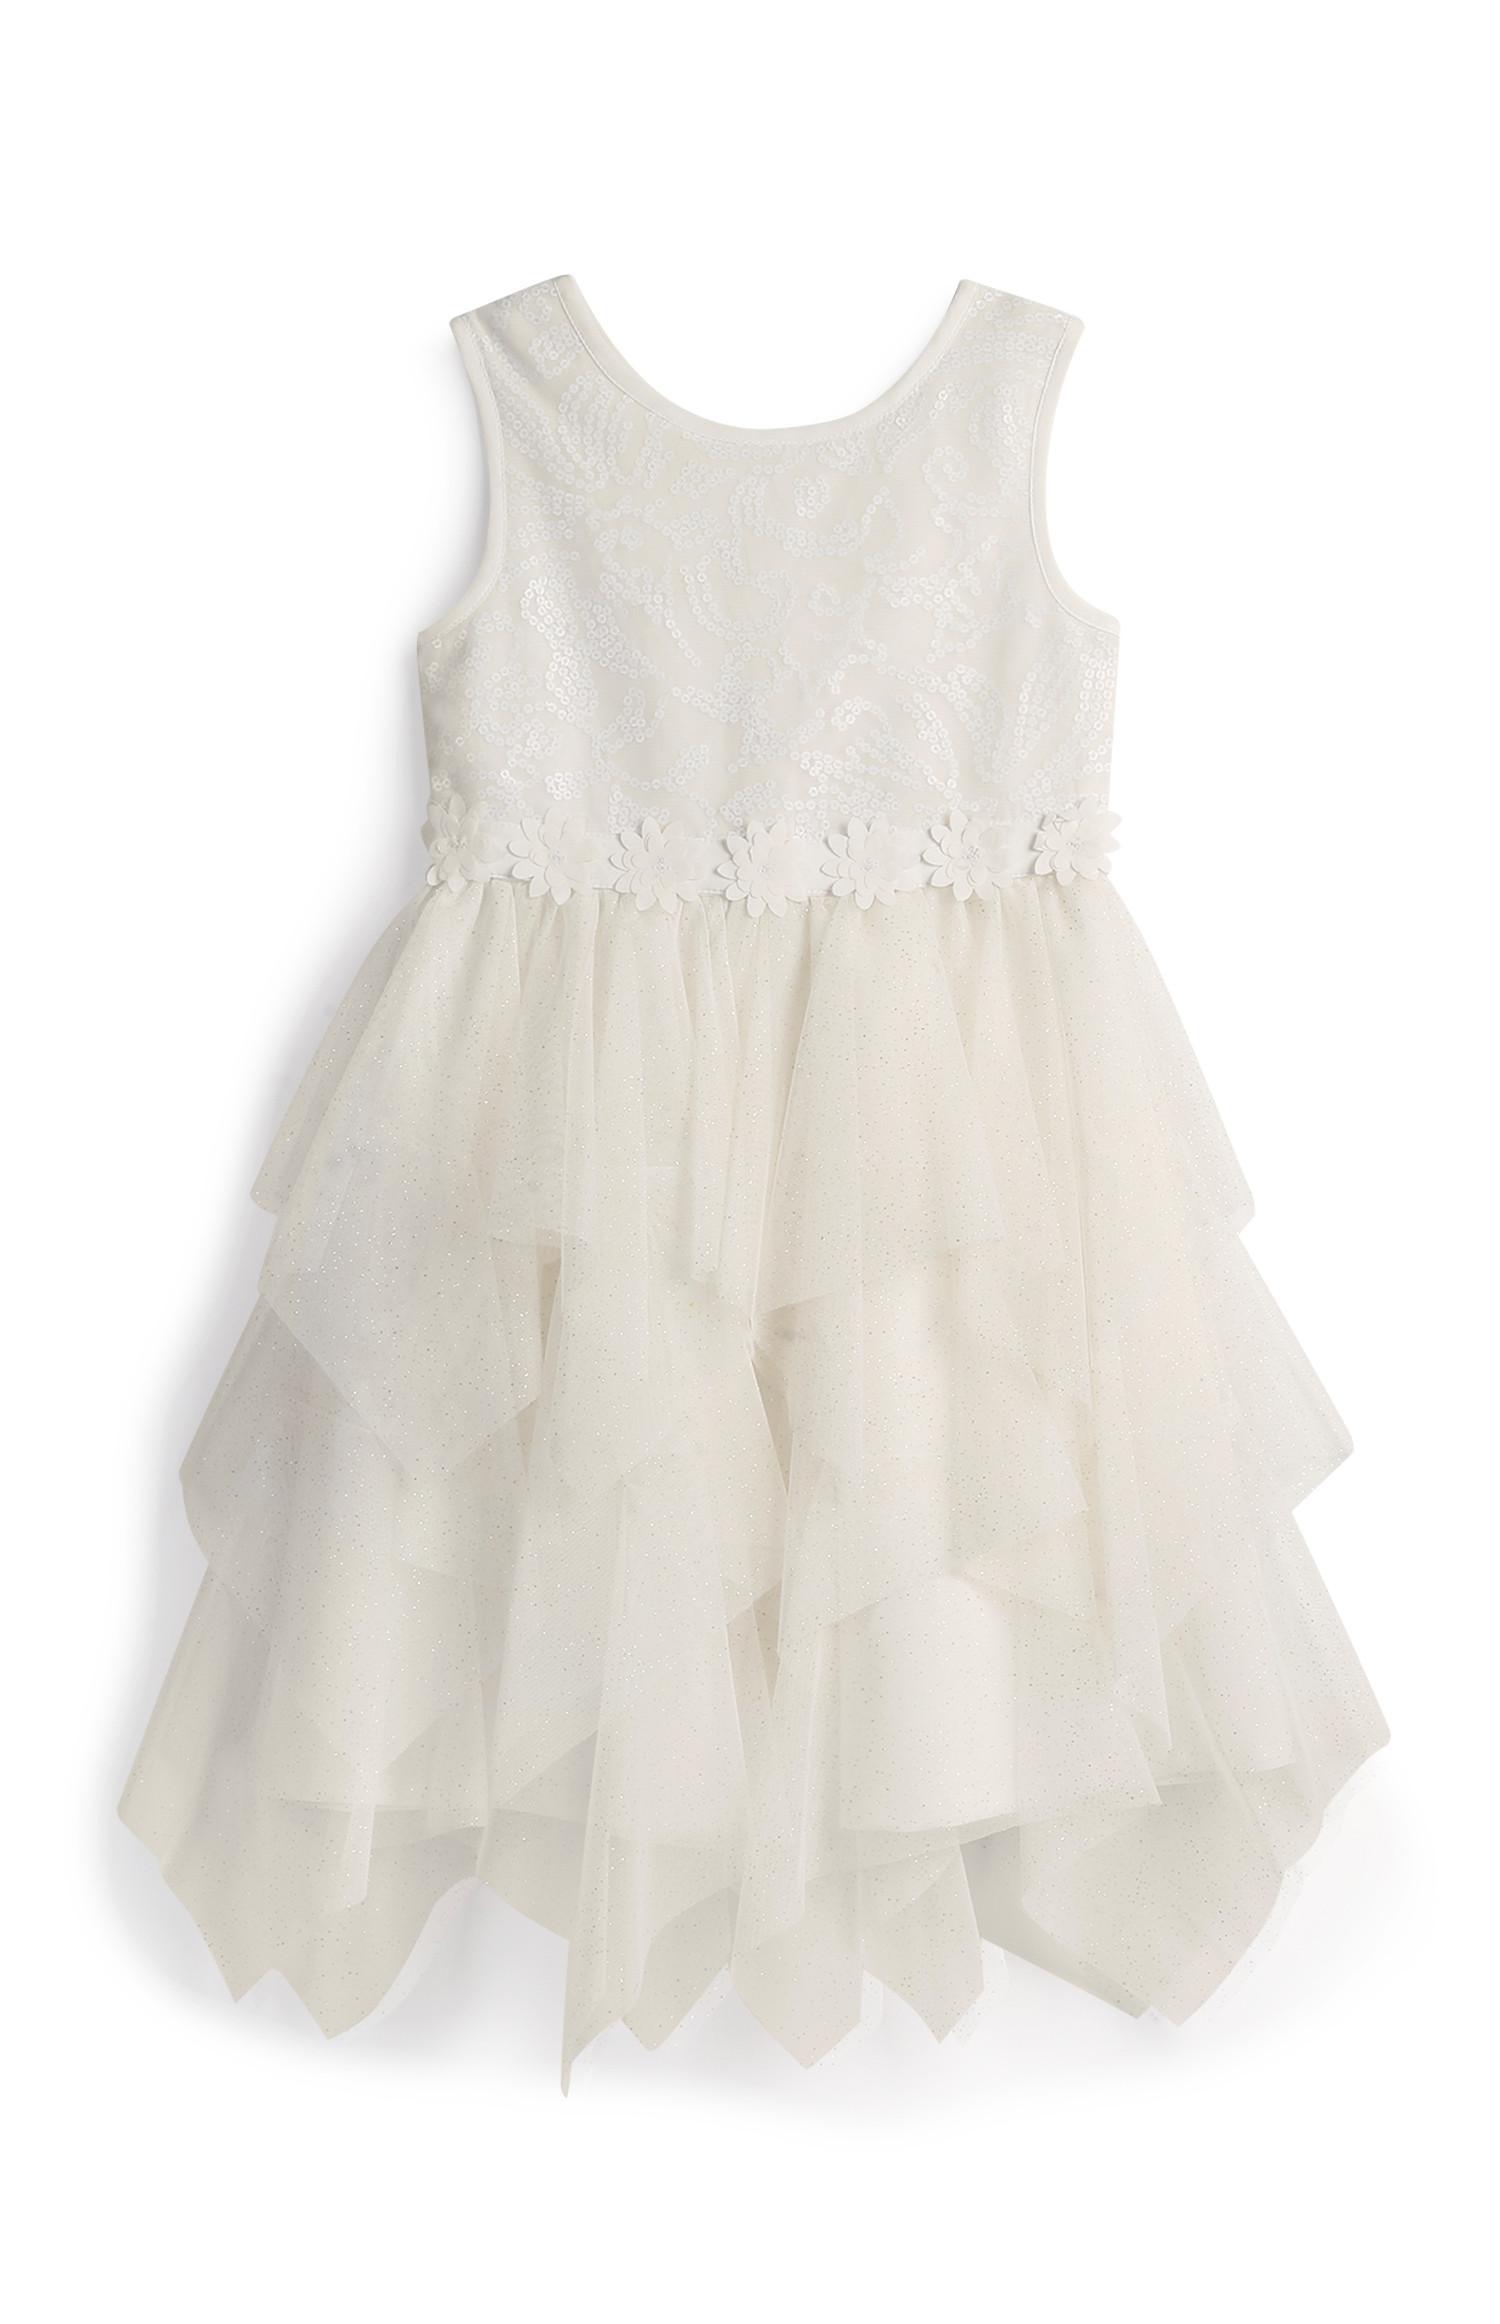 Younger Girl White Flower Girl Dress